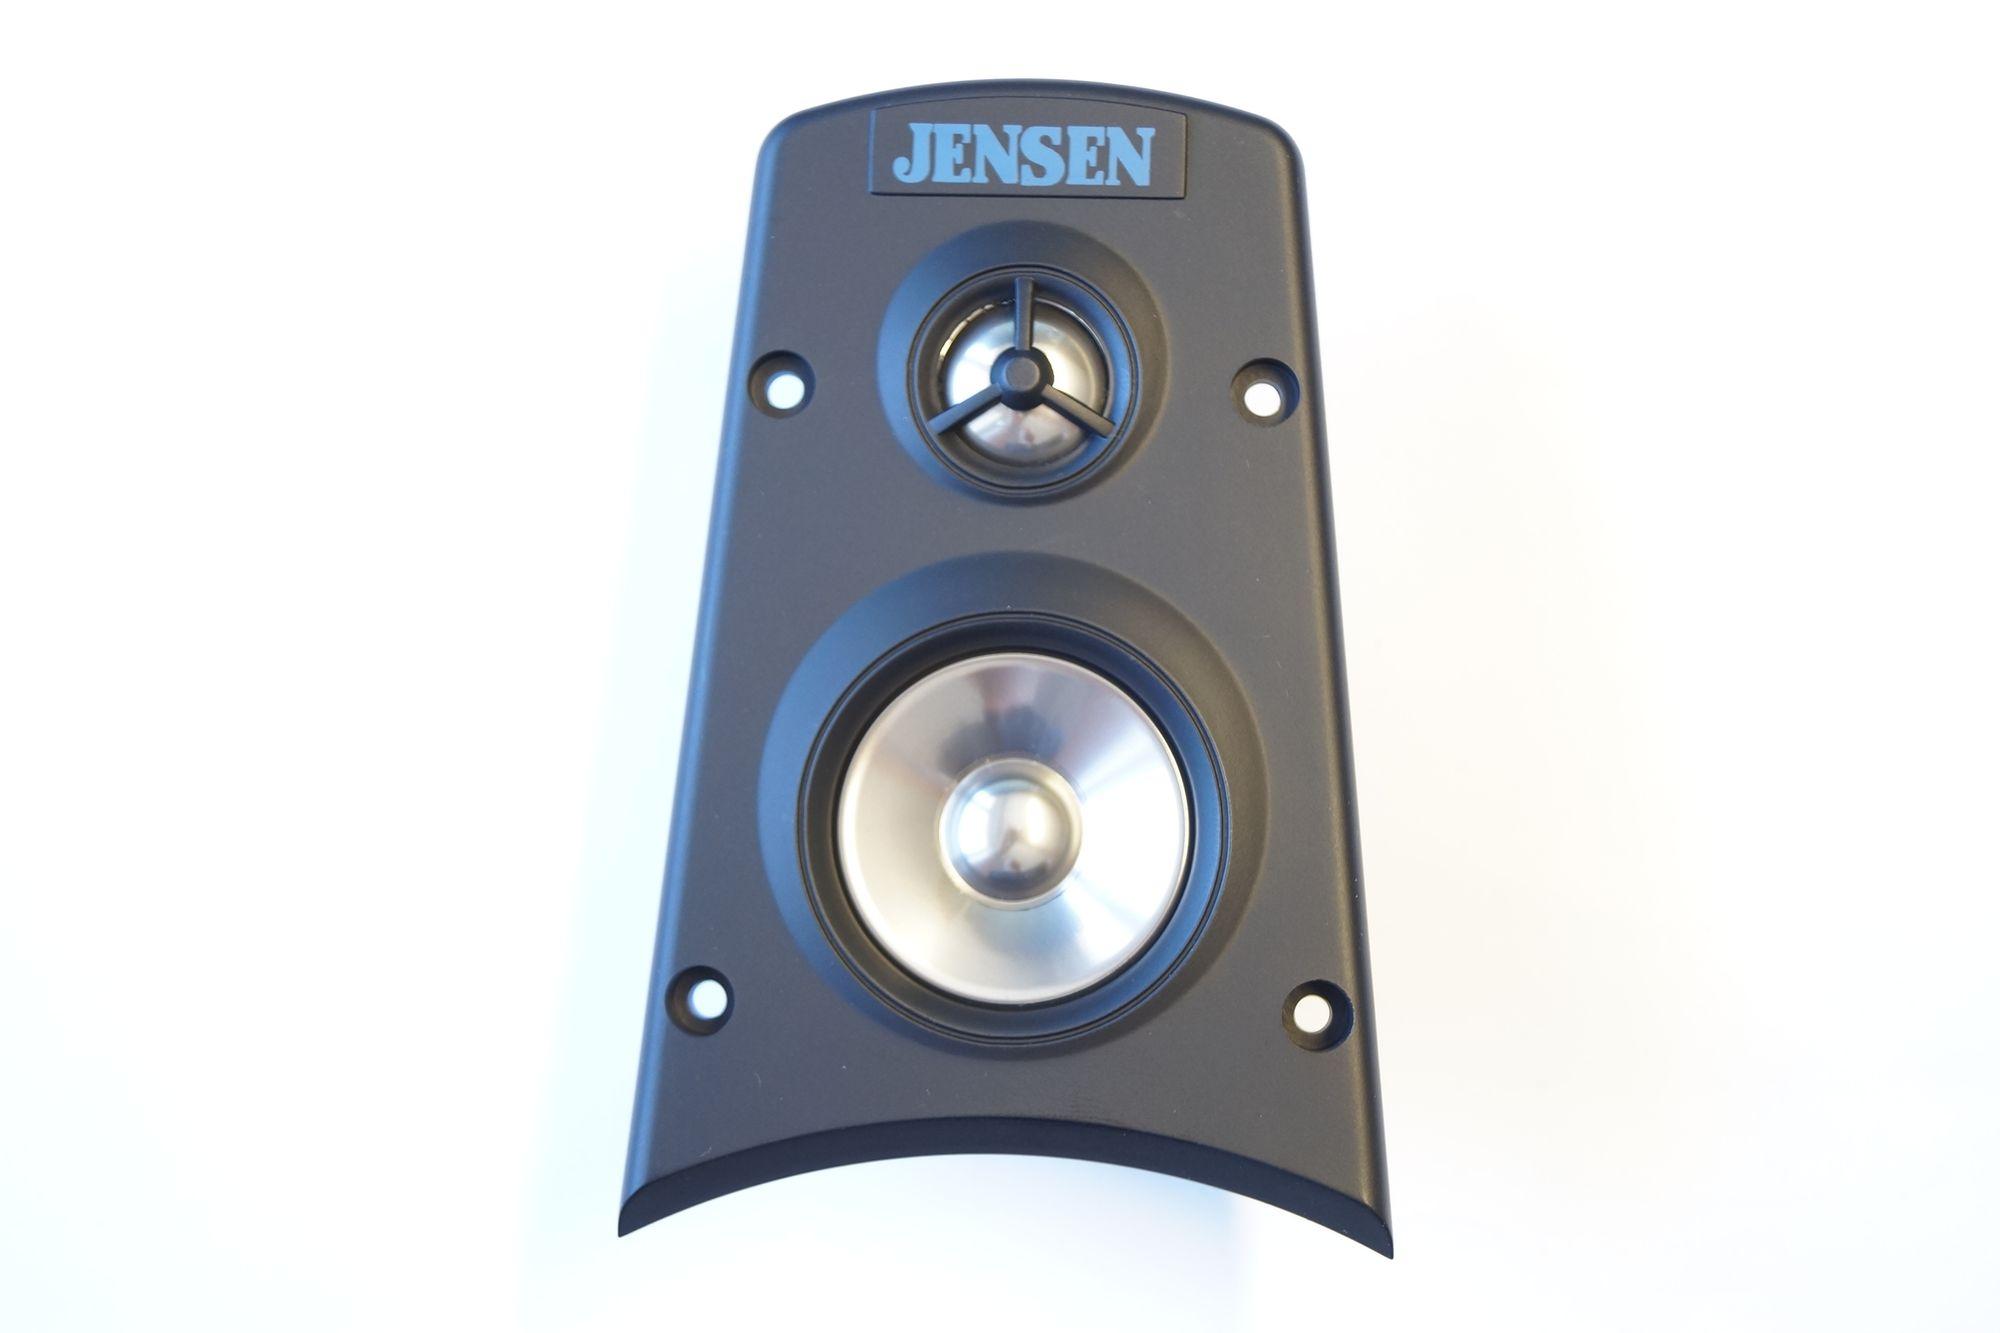 1 Paar Jensen MMTABSALG,Mittel Hochton Einheit 80 Watt max., Serviceware 001